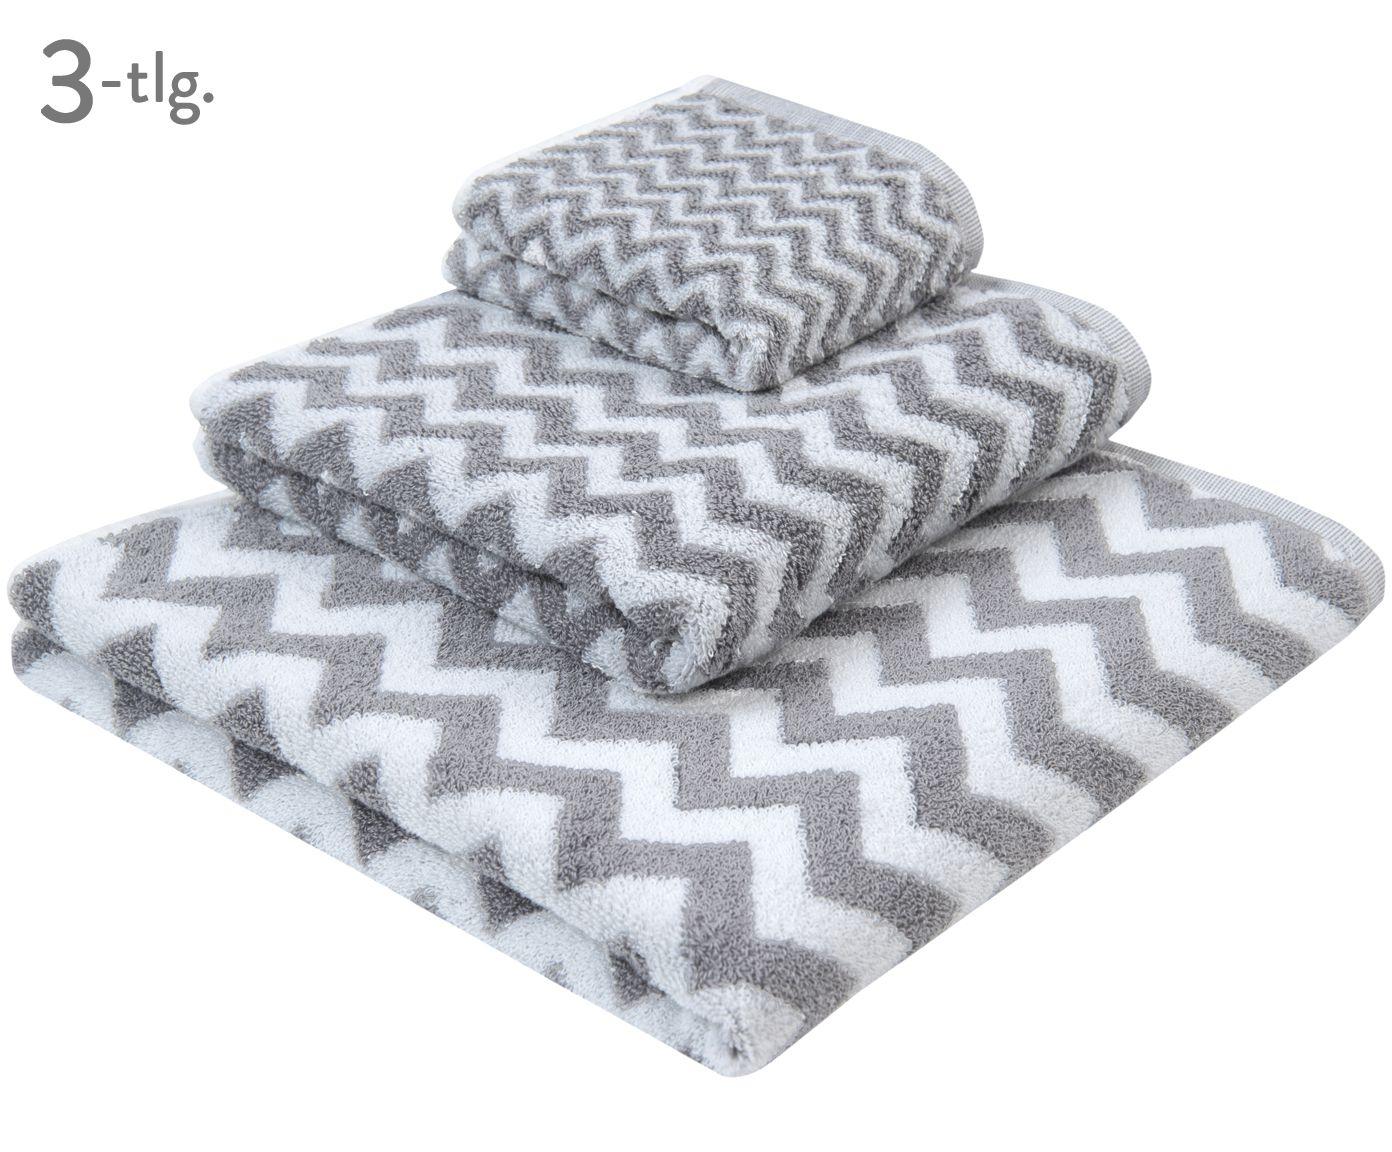 Entdecken Sie Handtuch-Set Liv, 3-tlg. in Grau, Weiß jetzt bei >> WestwingNow. Lassen Sie sich von mjukis. inspirieren